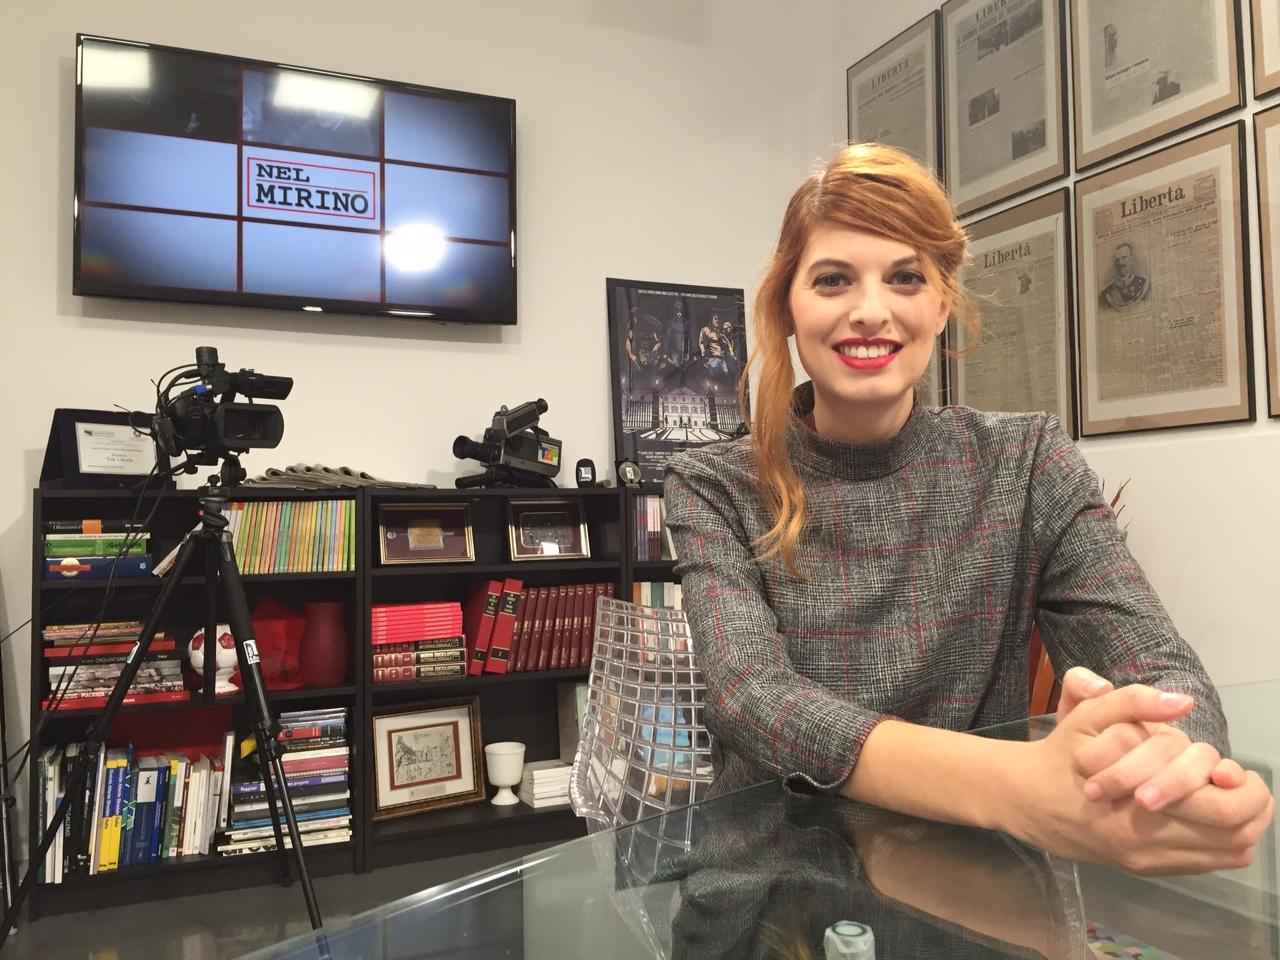 """Giovani attori, a Nel Mirino il consiglio di Letizia Bravi: """"Ragazzi non mollate mai"""""""